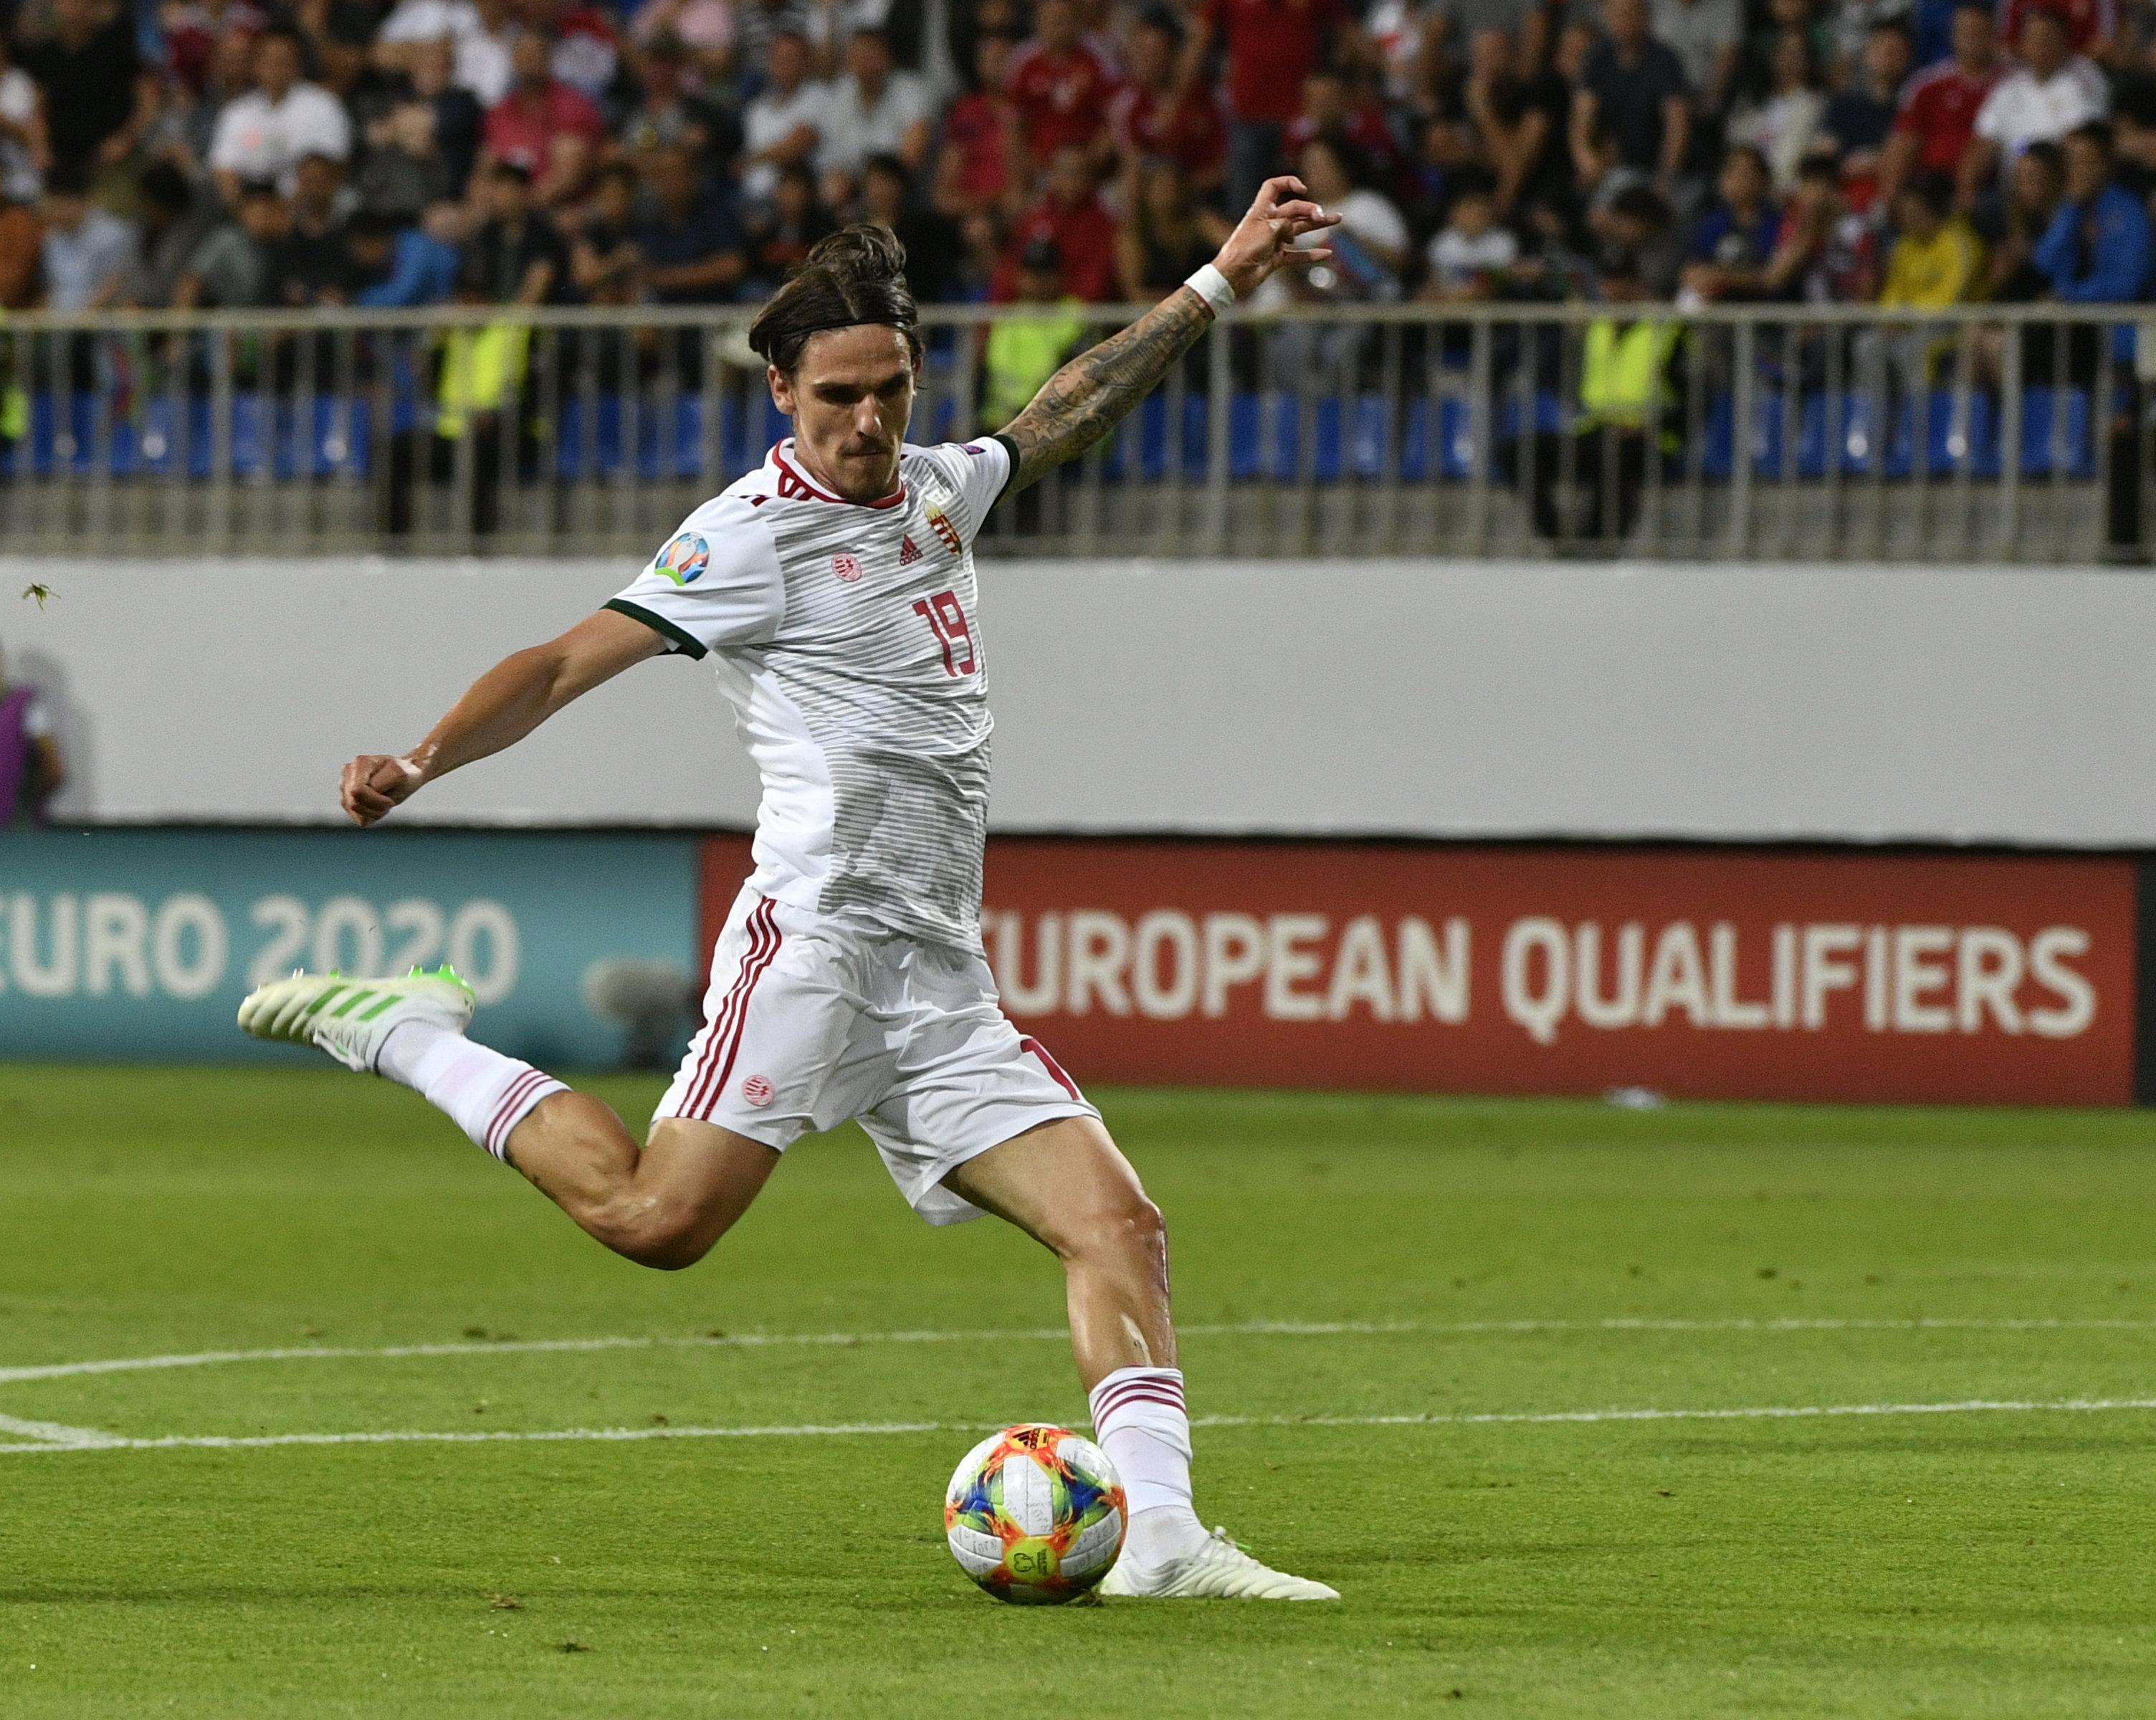 A debütáló Holman Dávid fantasztikus gólt szerzett - videó